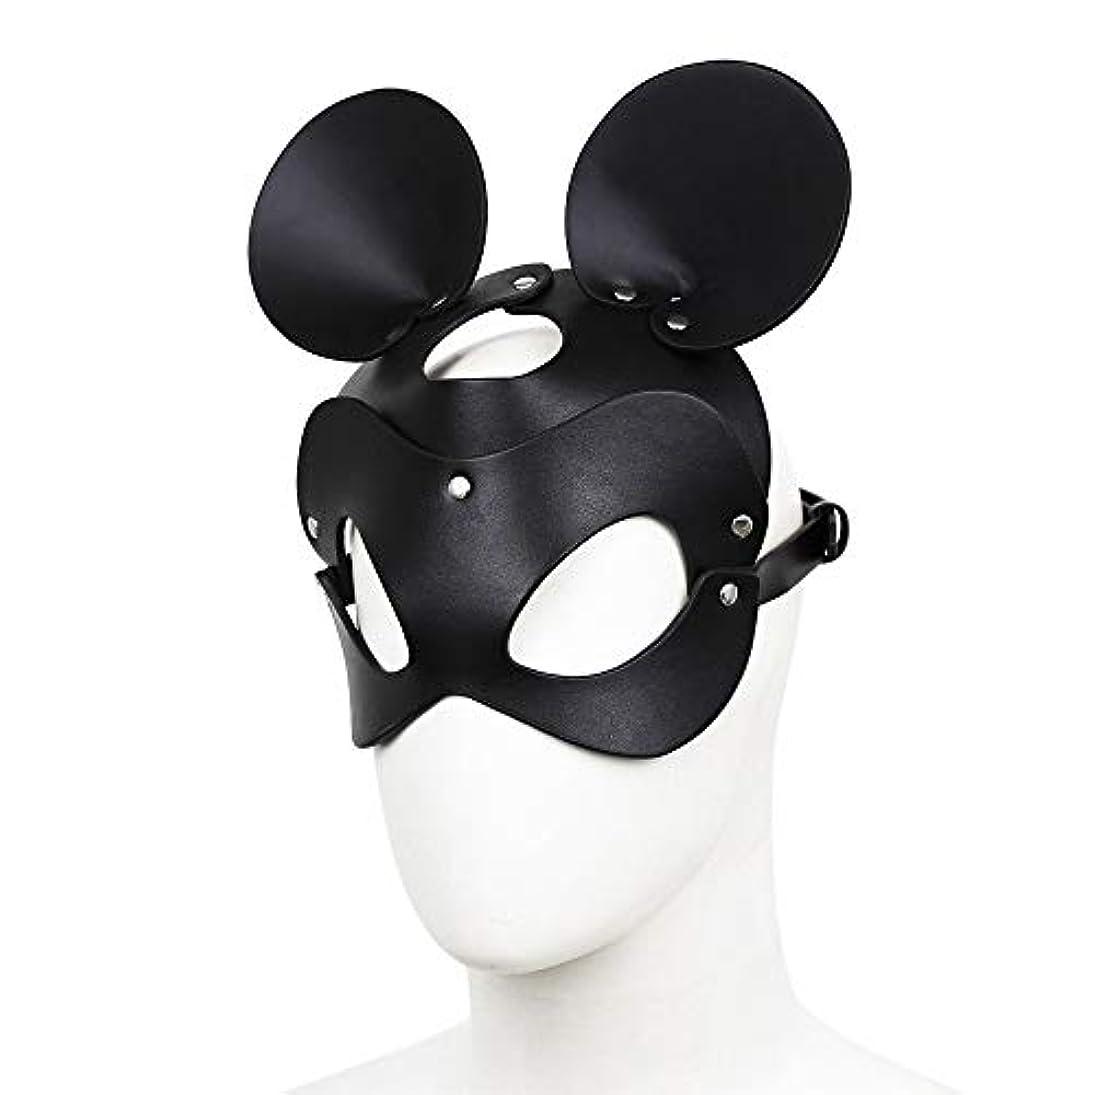 順応性のあるところでボトルダンスマスク 男性と女性の大人のロールプレイングブラックレザーマスクラウンドロングイヤーナイトクラブマスク パーティーボールマスク (色 : ブラック, サイズ : 20x17cm)